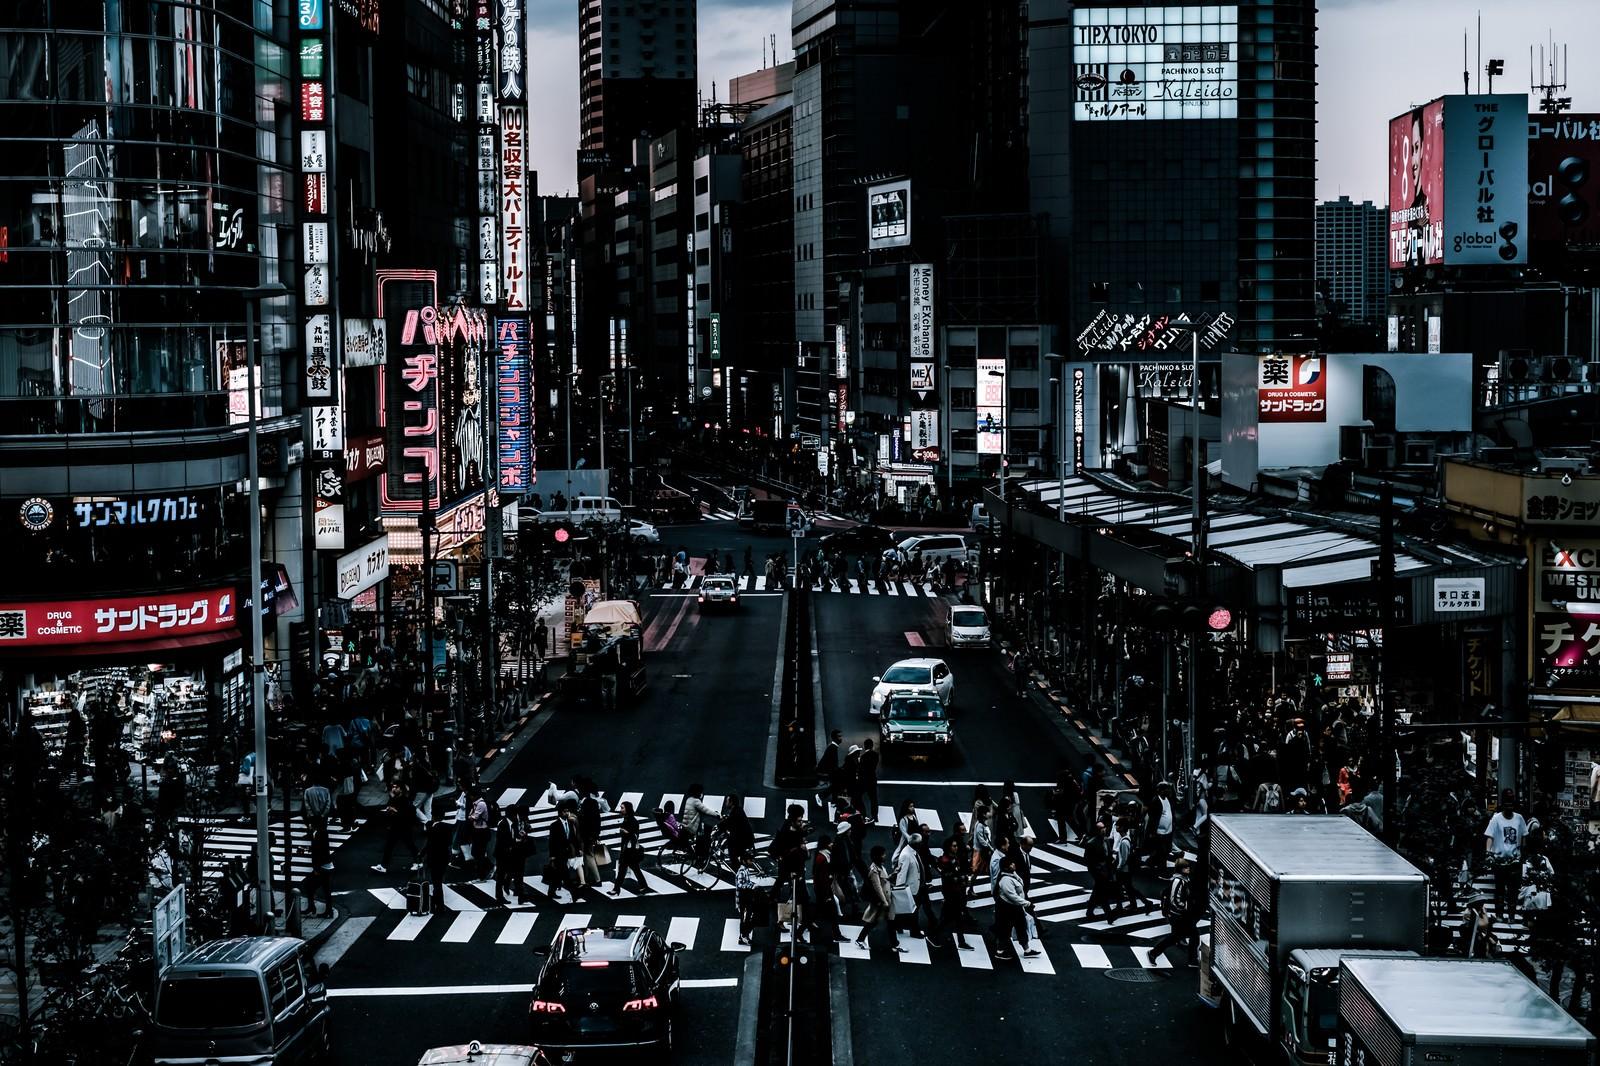 「新宿西口前のスクランブル交差点前の様子」の写真